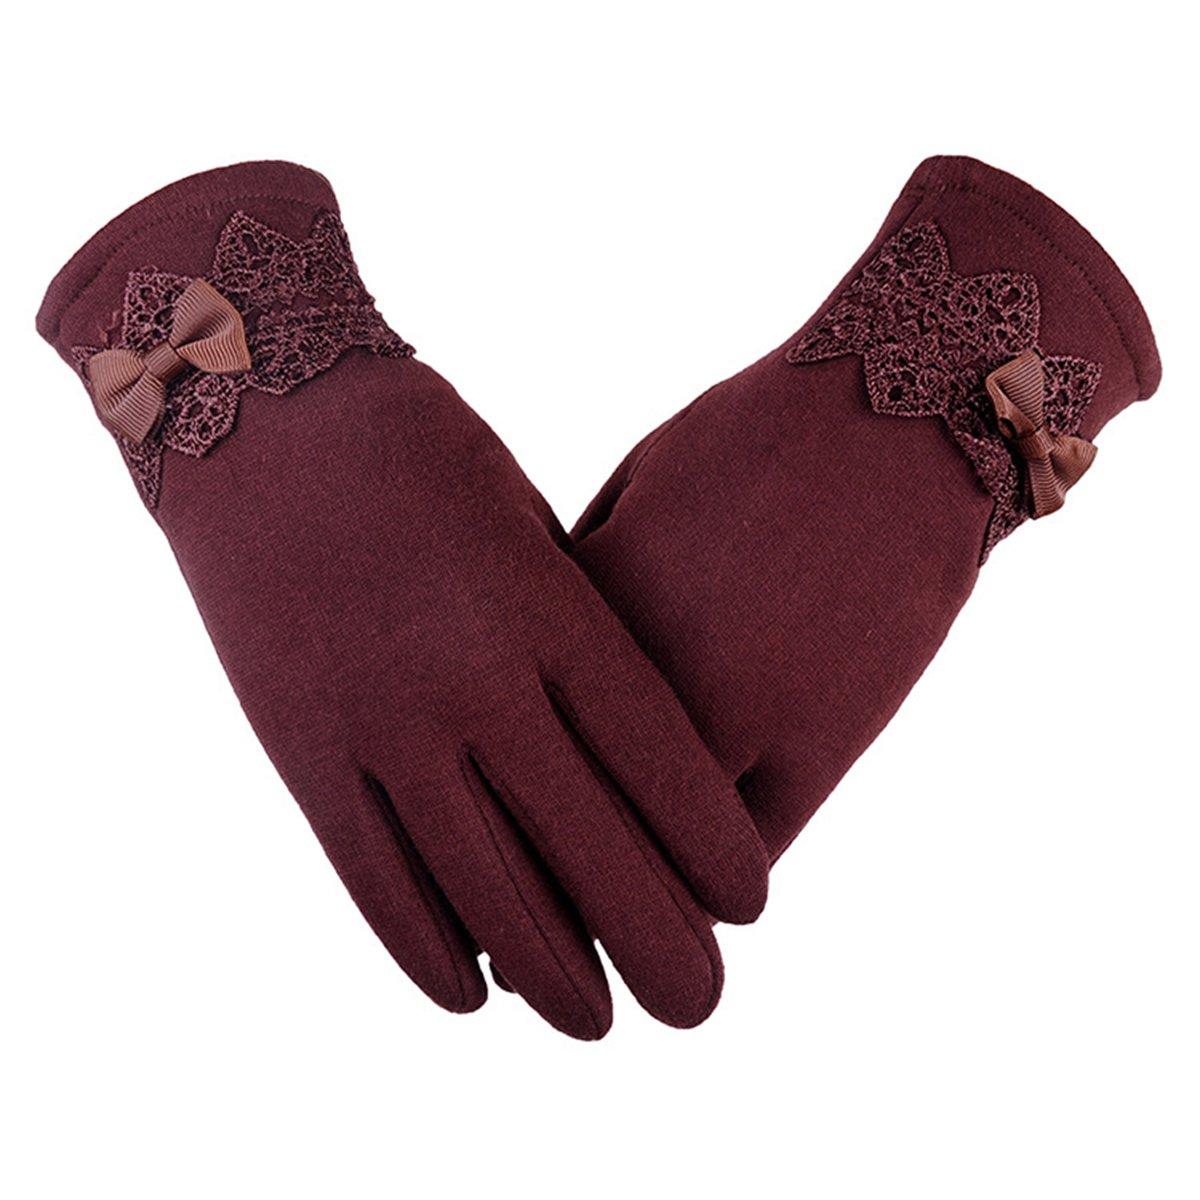 DSUK Donna Invernali Guanti Touch con Pulsanti Eleganti Smartphone Antivento Ciclismo Gloves Mittens